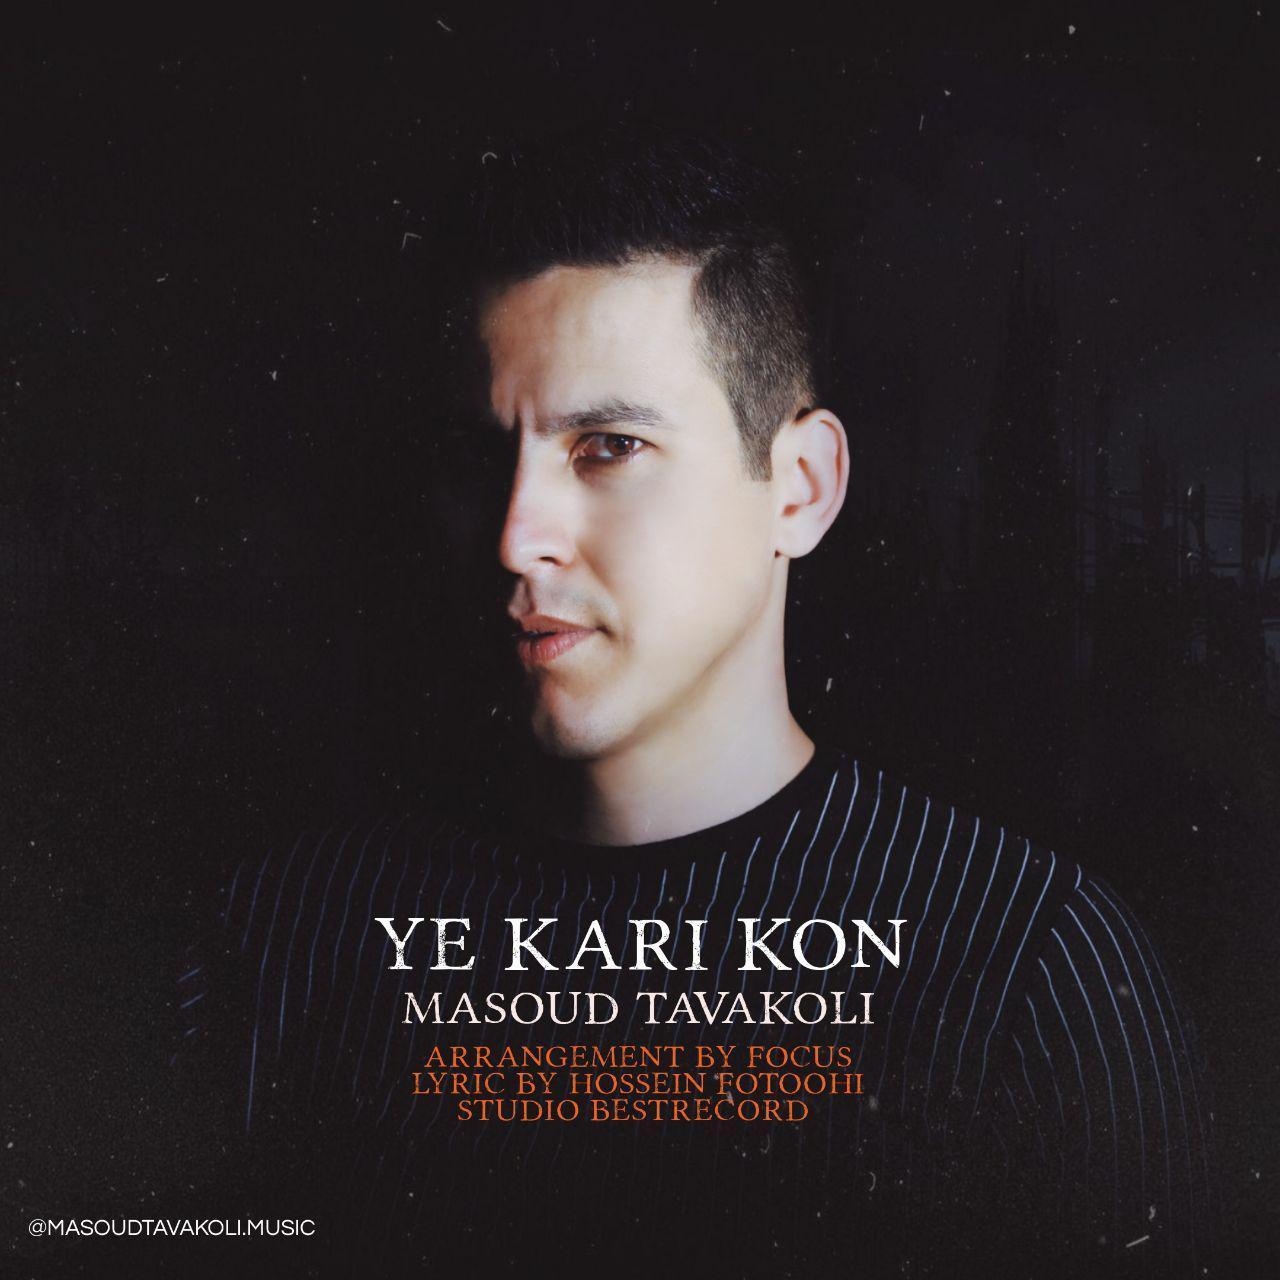 Masoud Tavakoli – Ye Kari Kon